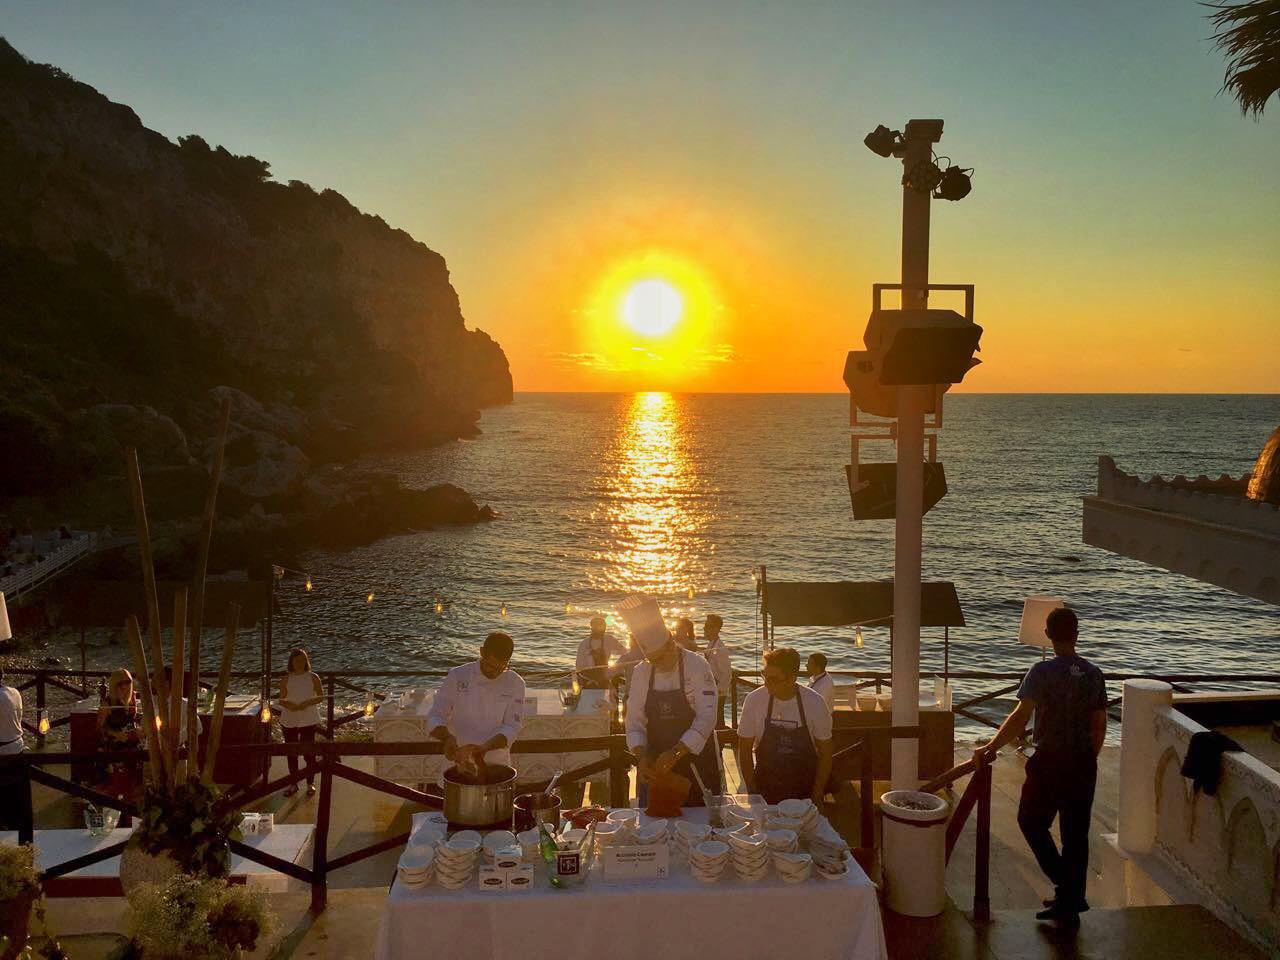 la serata di gala di TEN al Sea Club di Terrasini: il tramonto è ancor più eccezionale assaggiando le ricette estive degli chef stellati   ©foto Sandra Longinotti